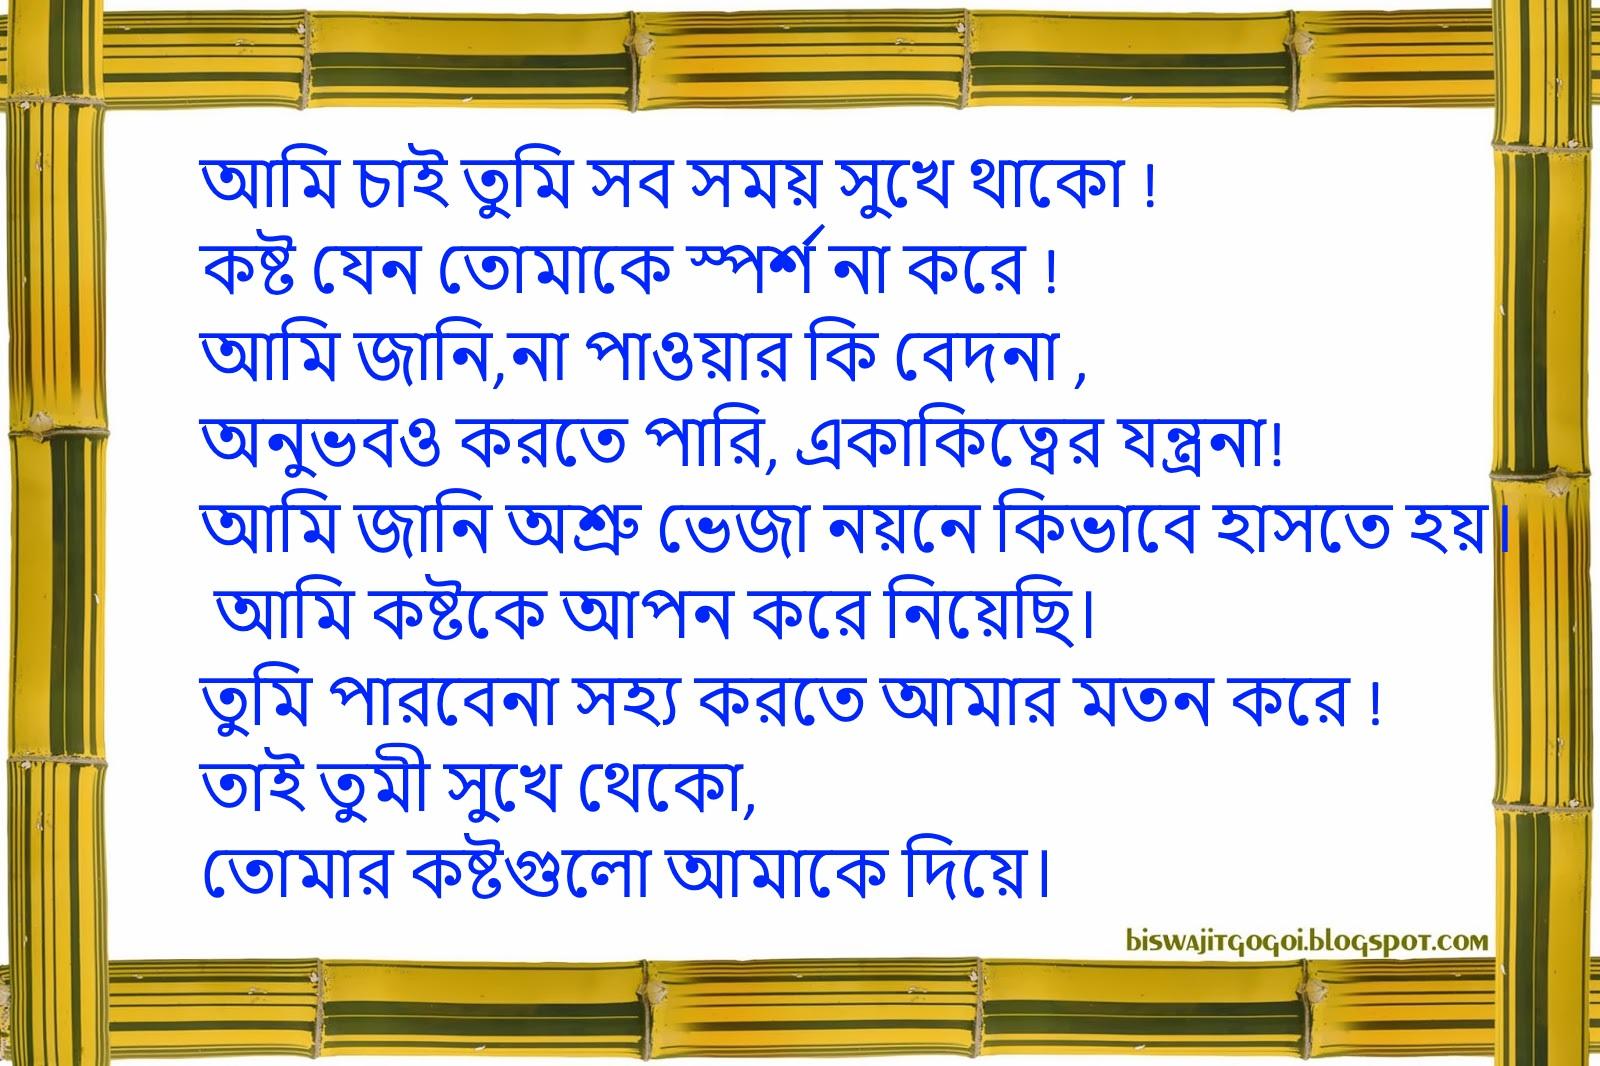 Bengali love poems